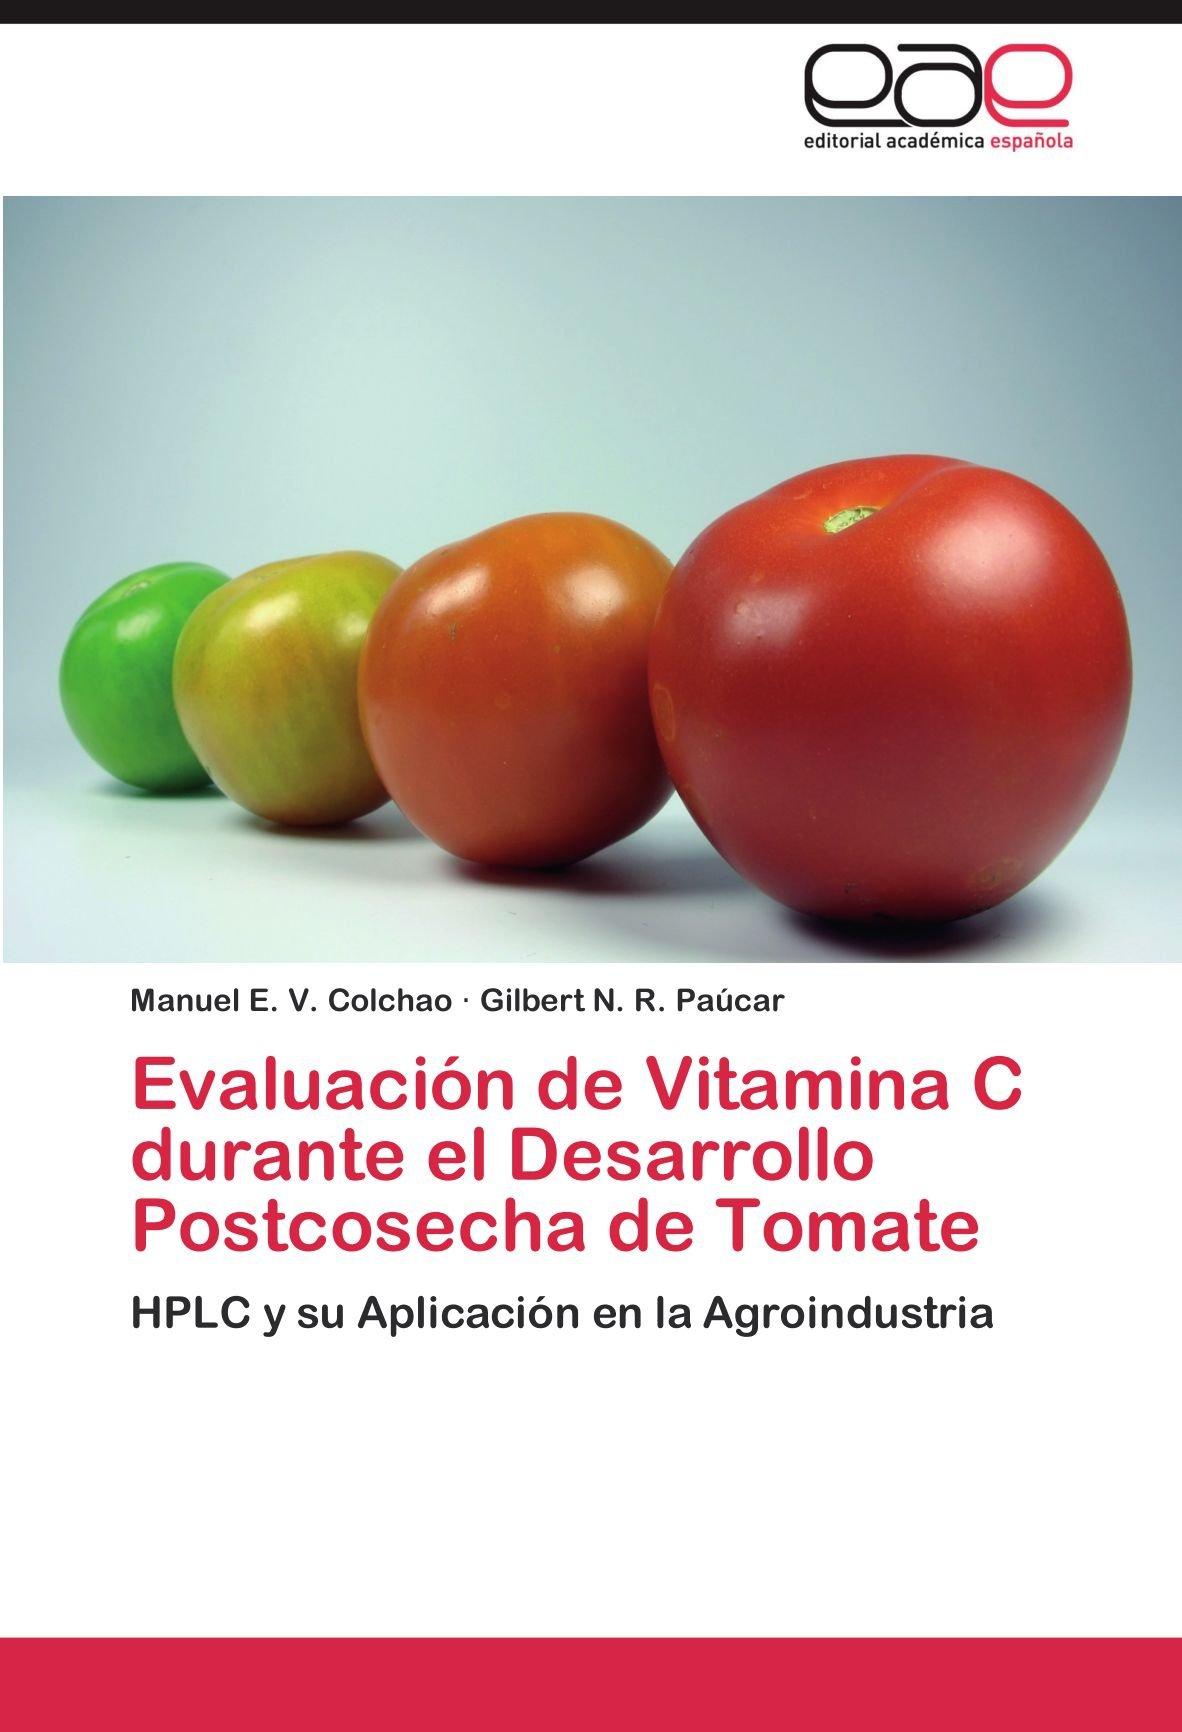 Evaluación de Vitamina C durante el Desarrollo Postcosecha de Tomate: HPLC y su Aplicación en la Agroindustria (Spanish Edition): Manuel E. V. Colchao, ...